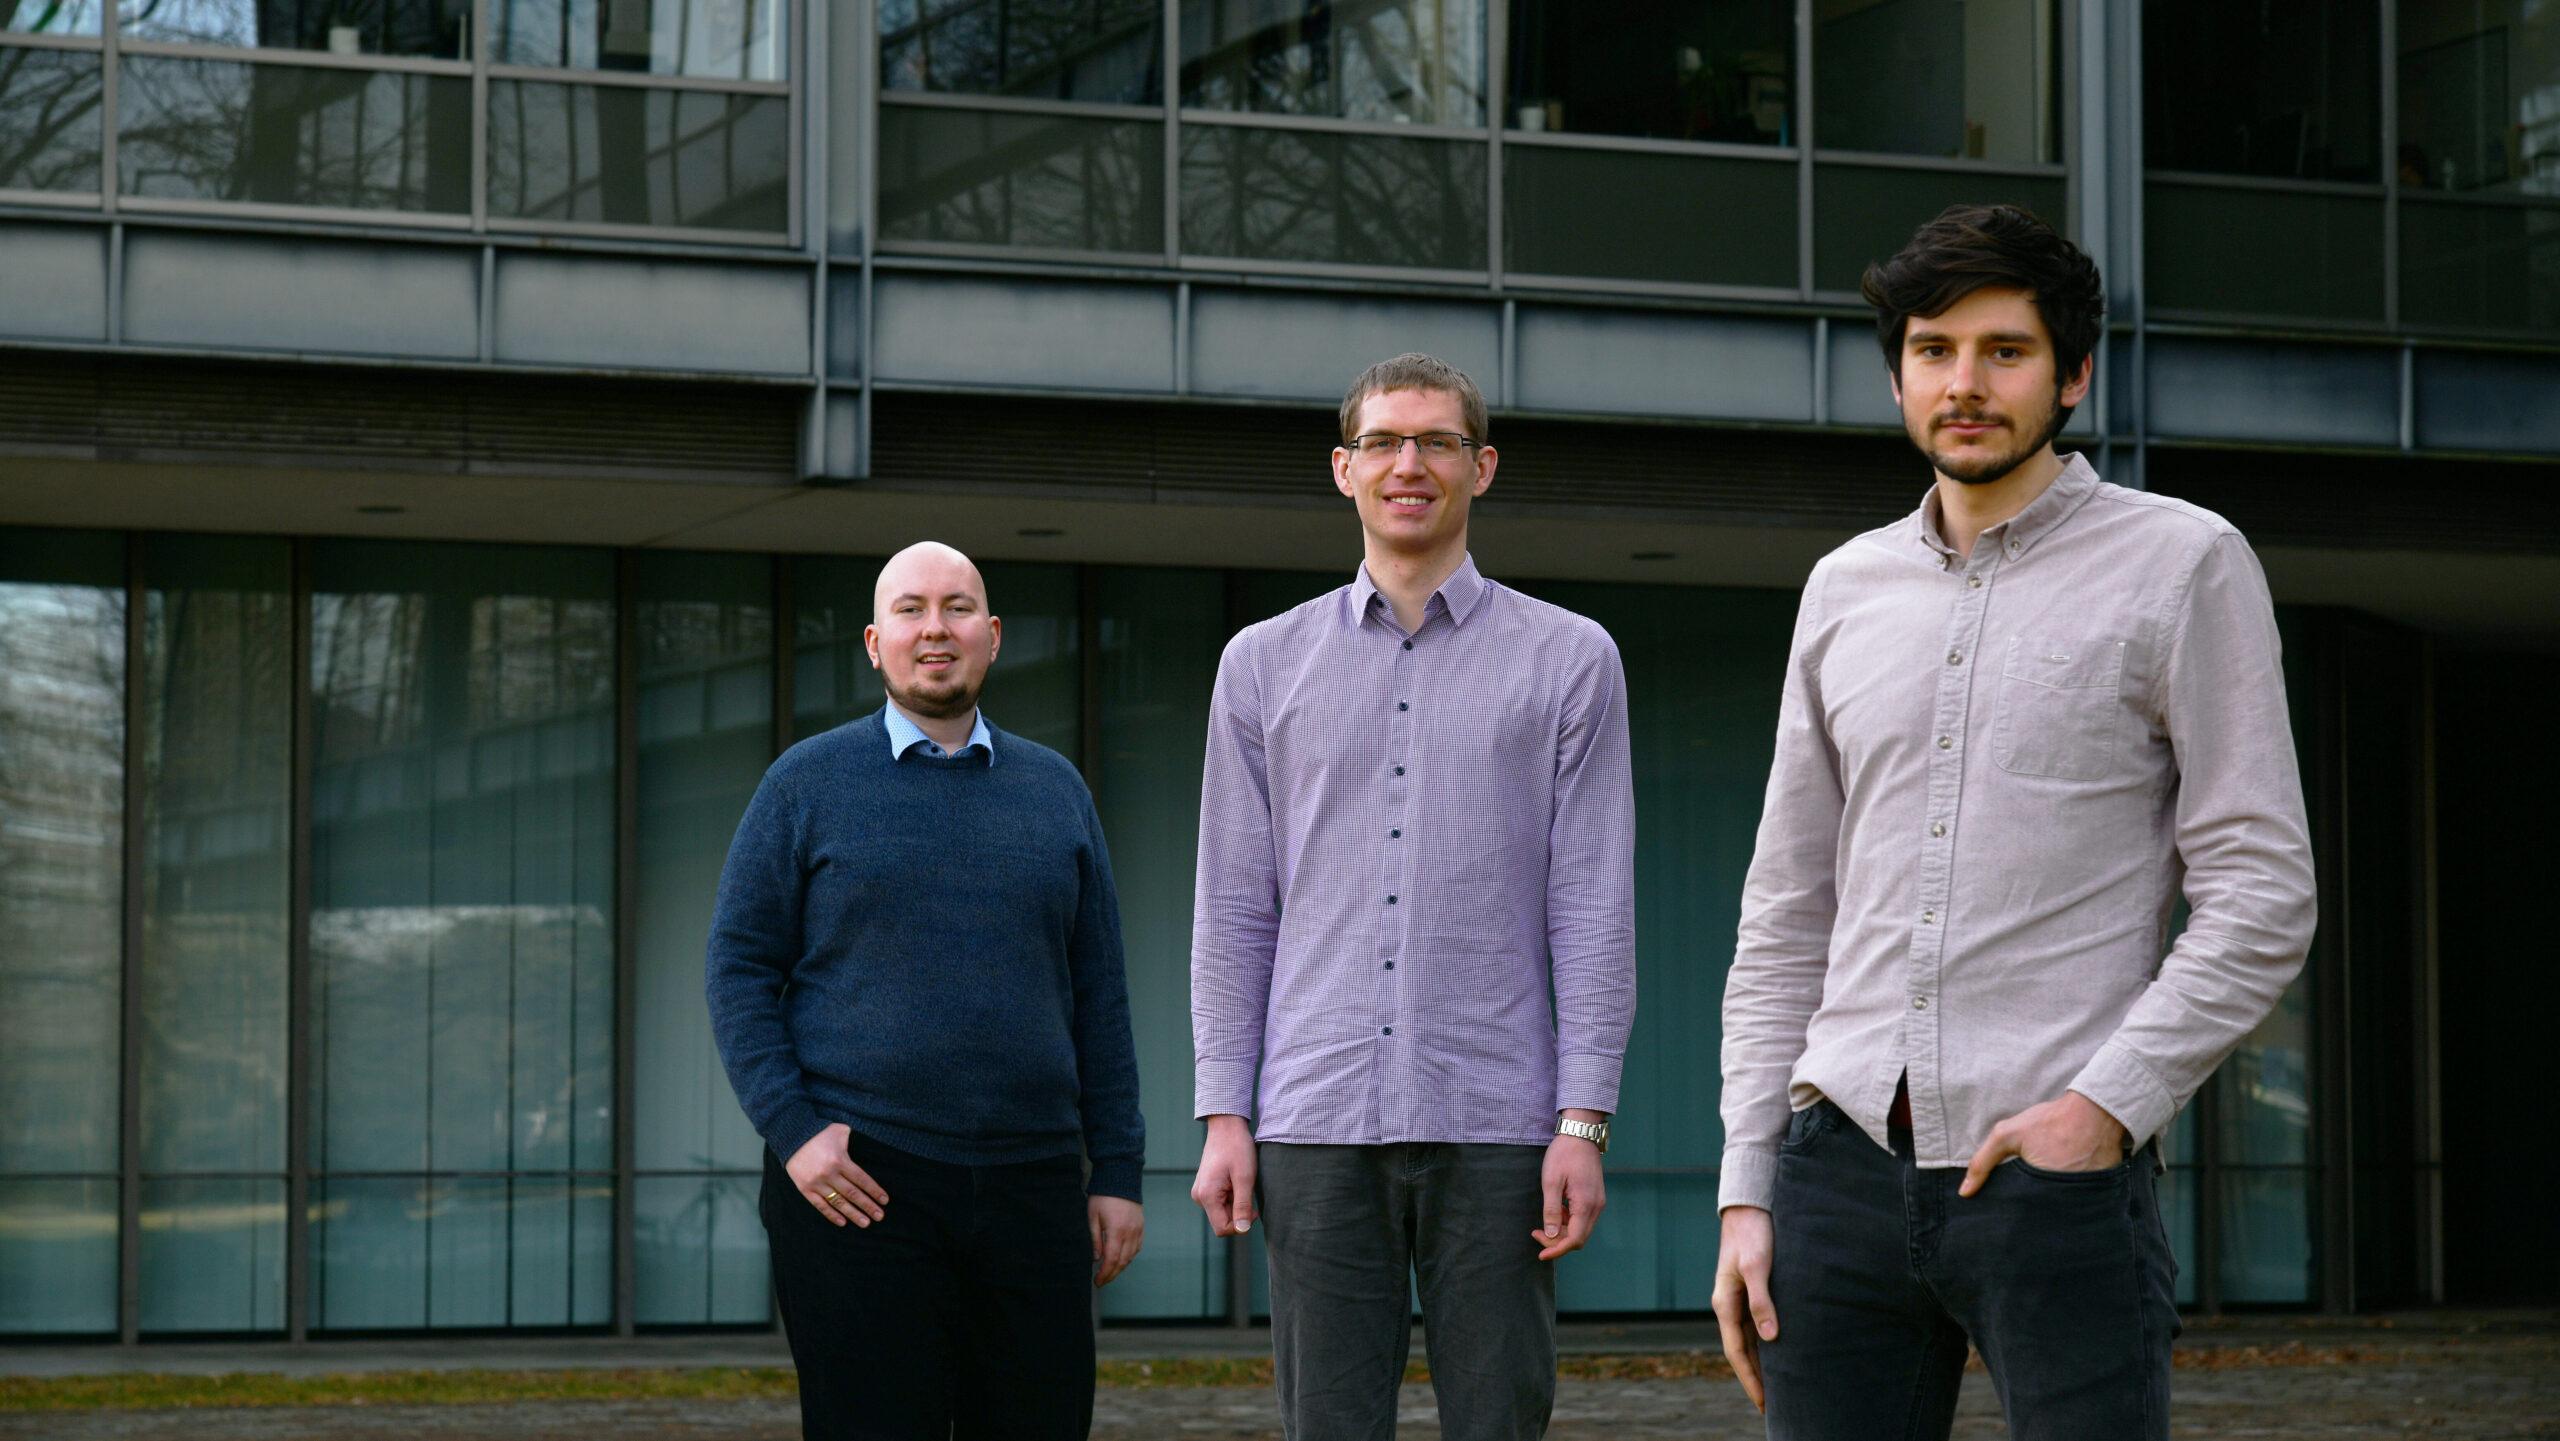 Drei junge Männer stehen vor dem Universitätsgebäude